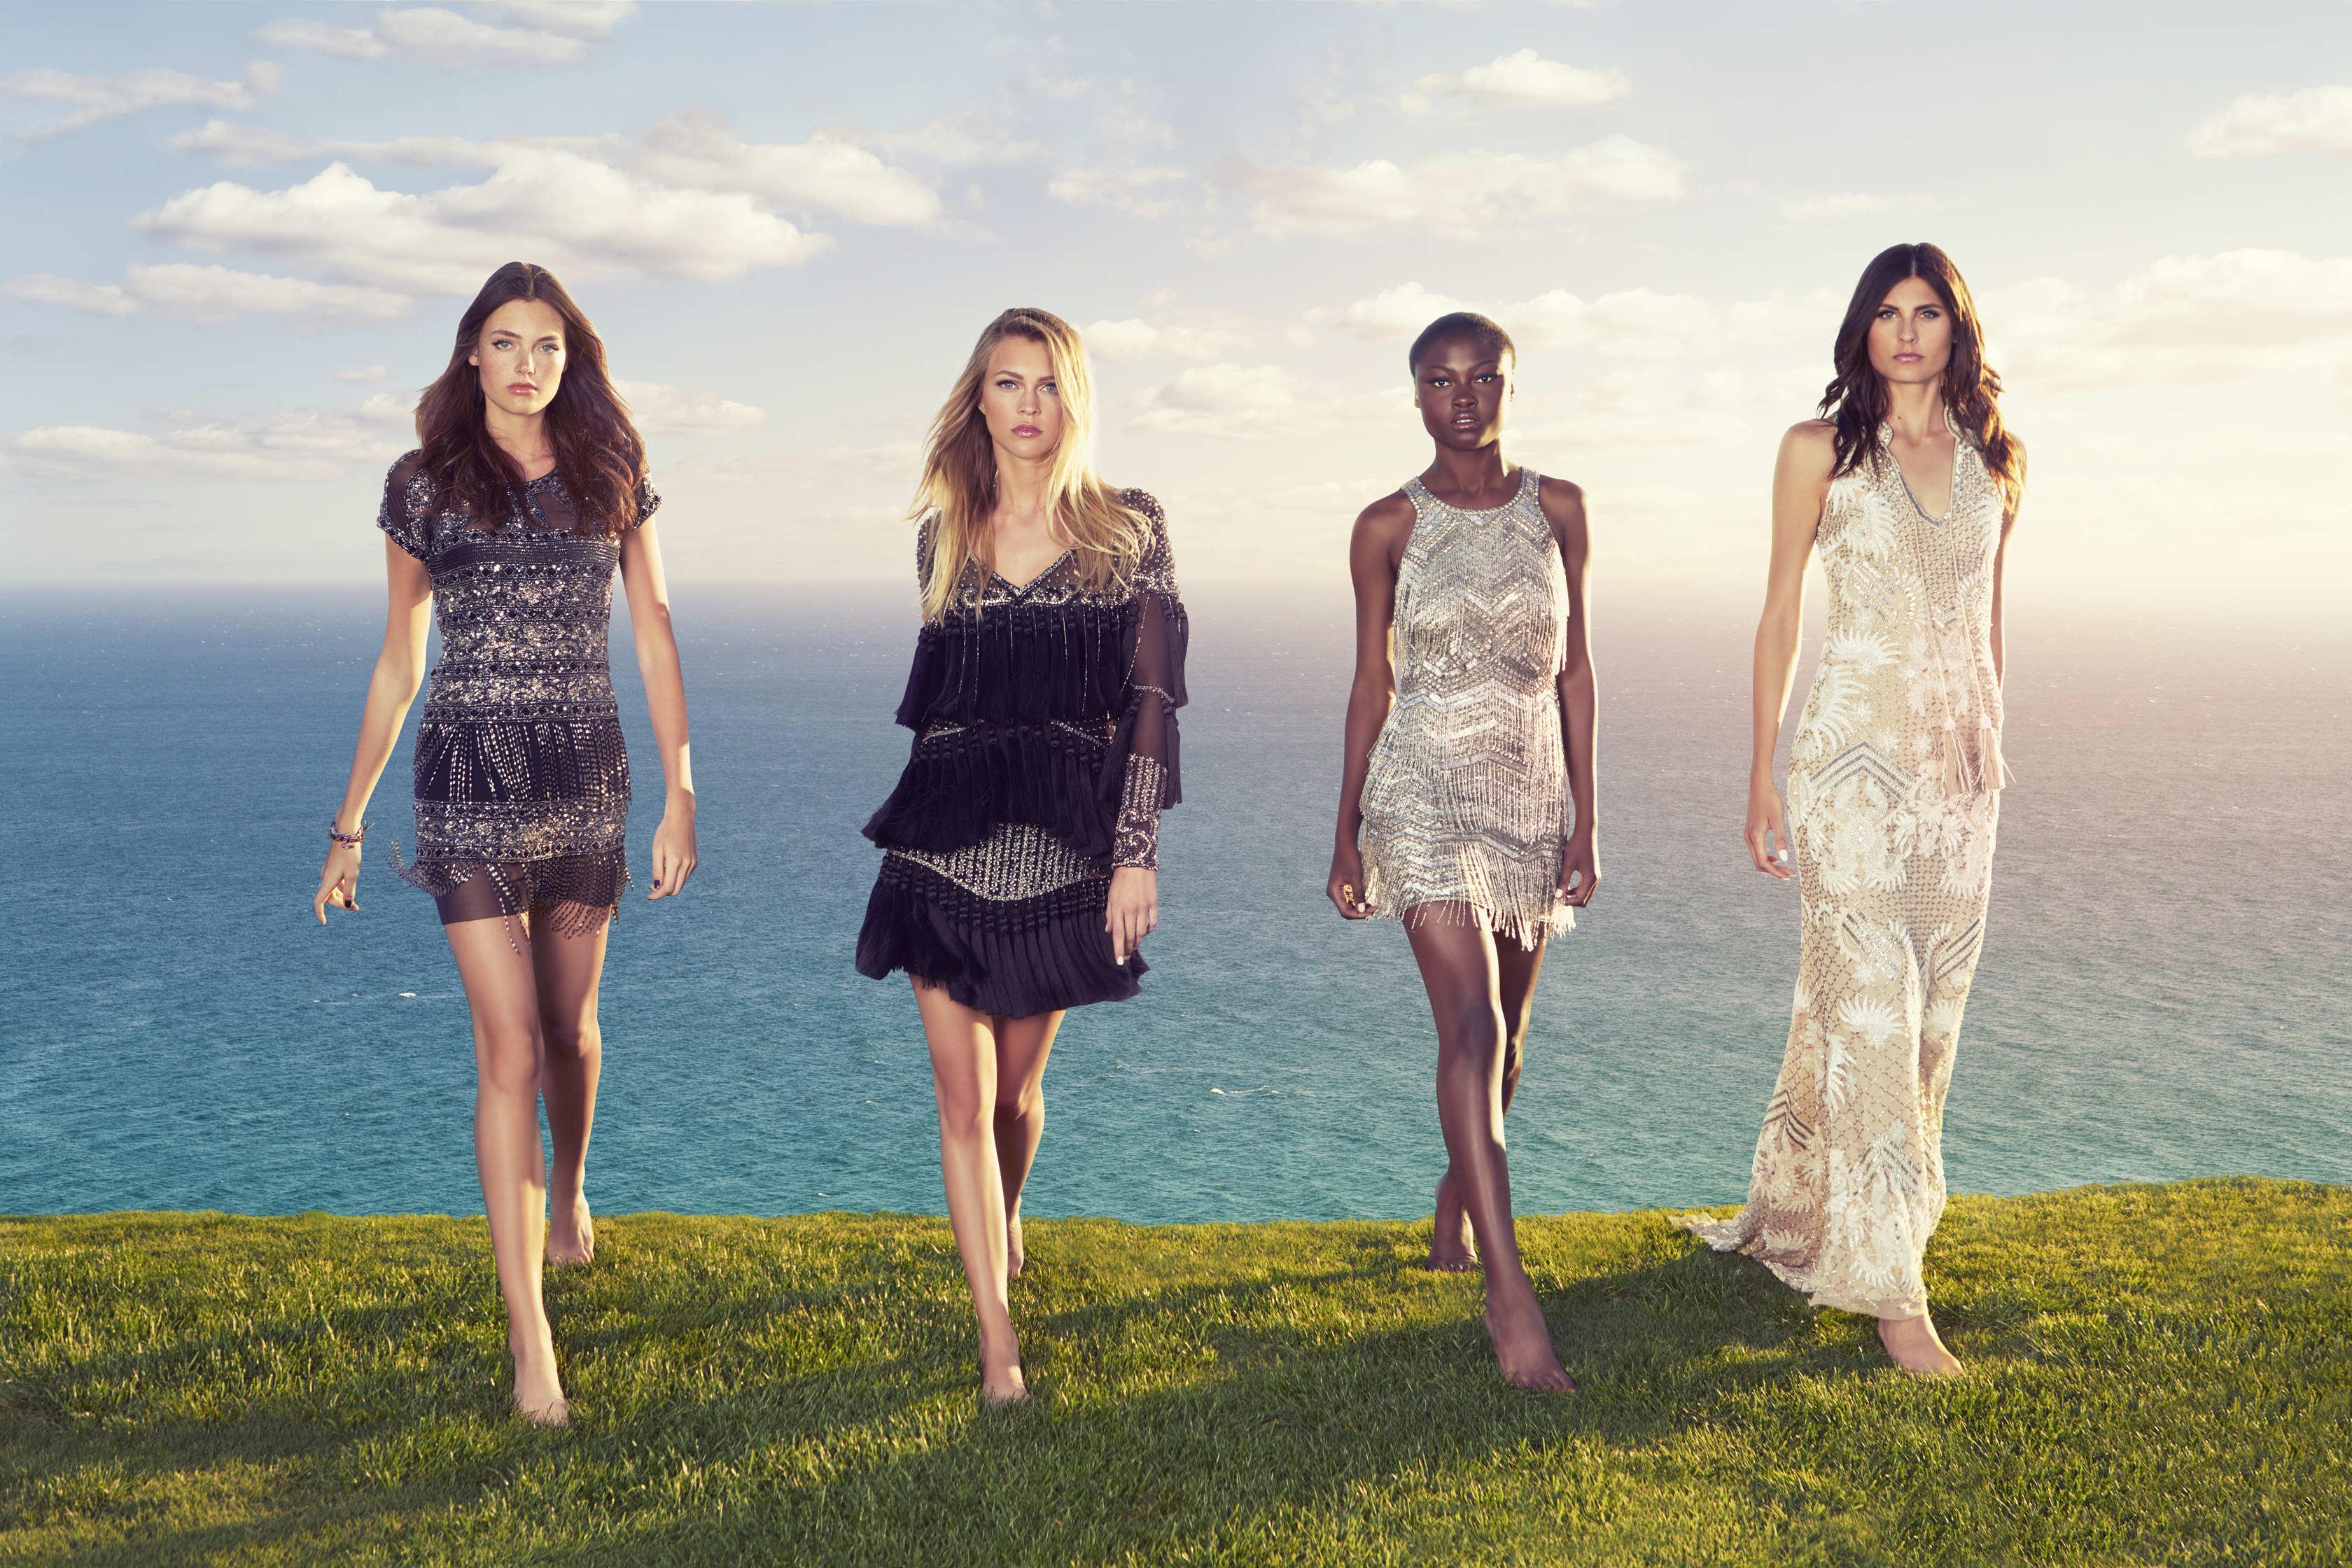 Plus-Size und Achselhaar - Konkurrenz für klassisches Schönheitsideal